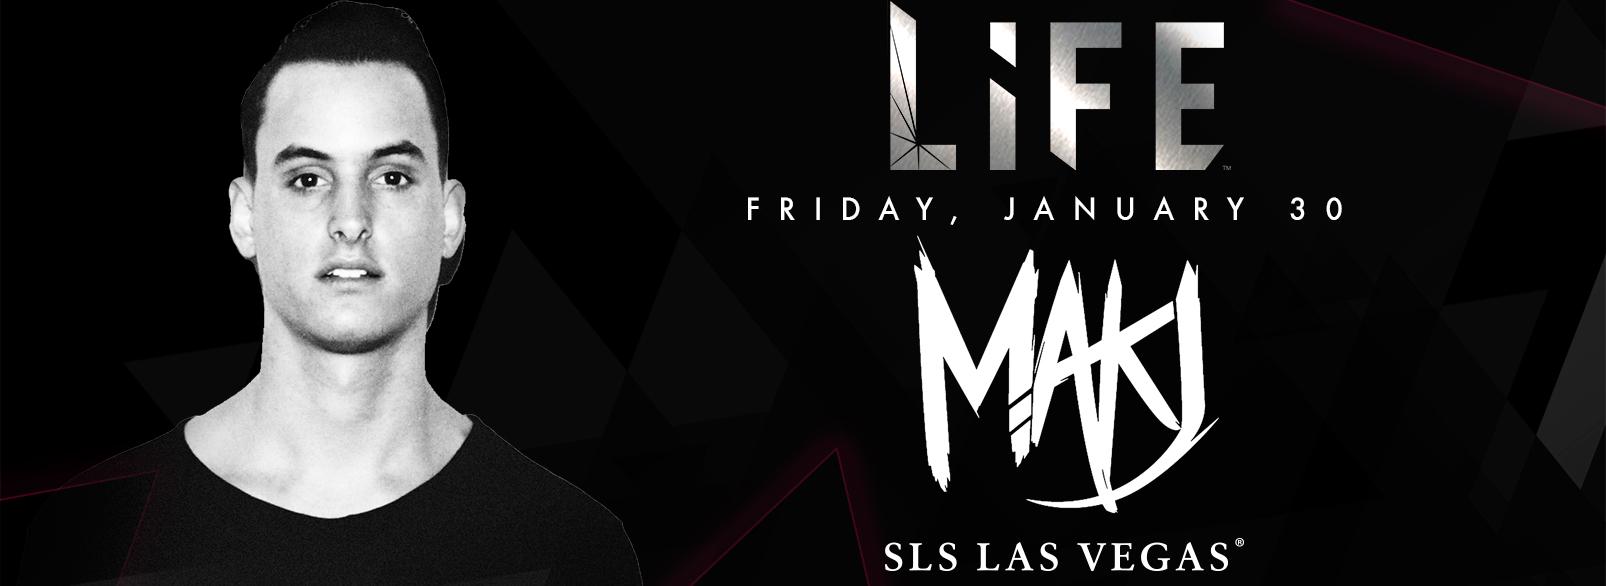 MAKJ @ Life Nightclub